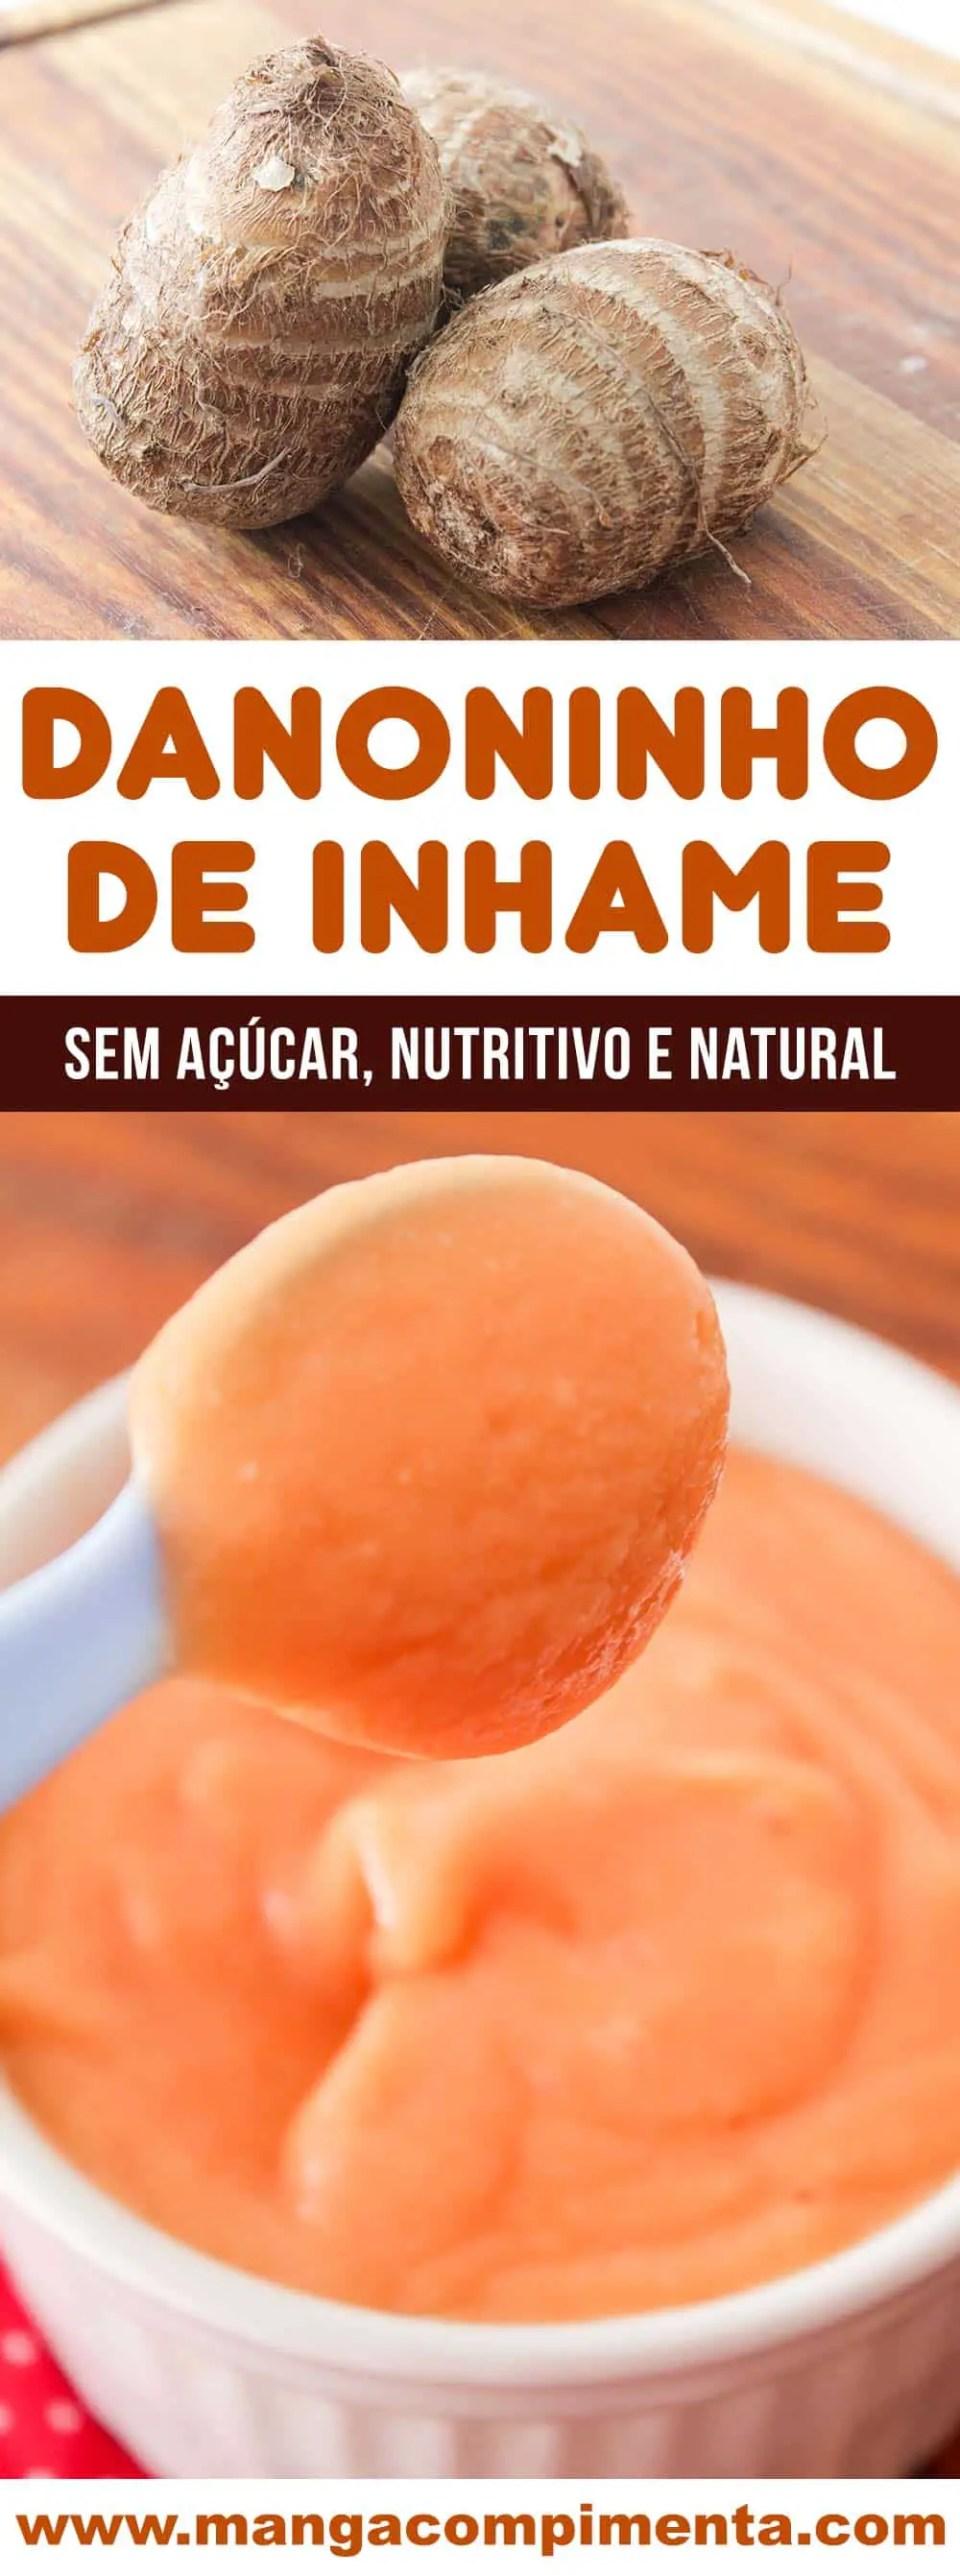 Danoninho de Inhame sabor Mamão - Uma sobremesa sem açúcar, nutritiva e natural (sem conservantes).